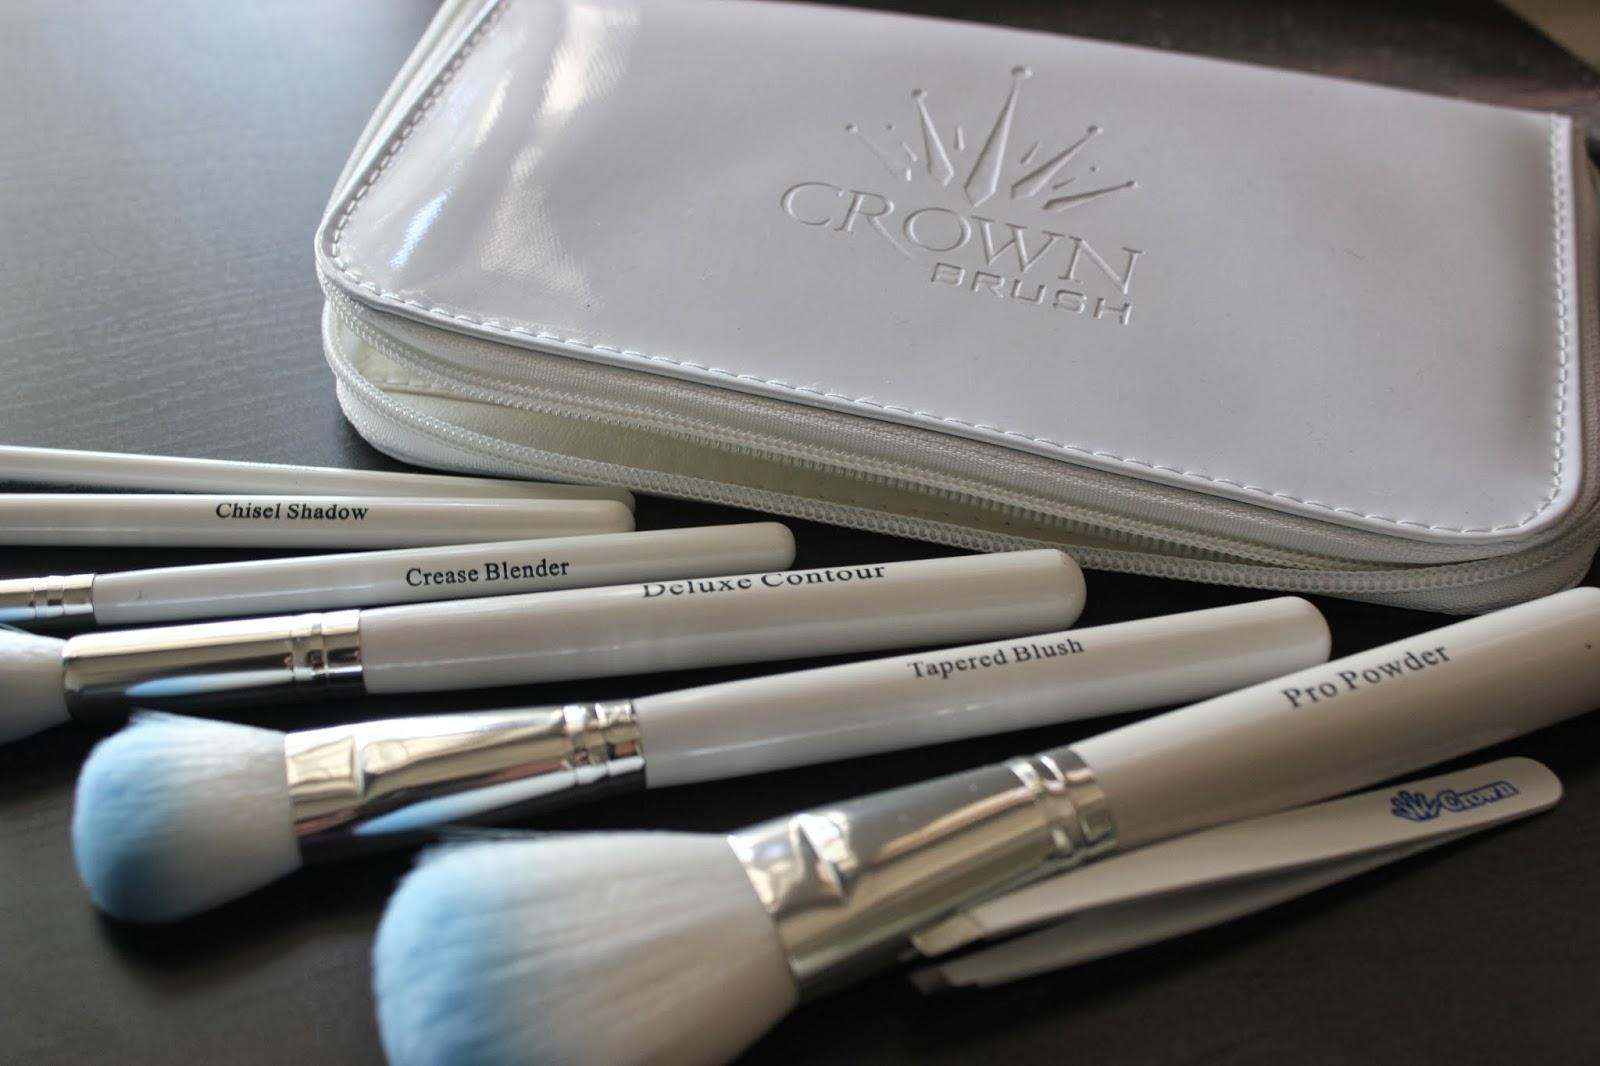 Brushes, Tweezers, Case